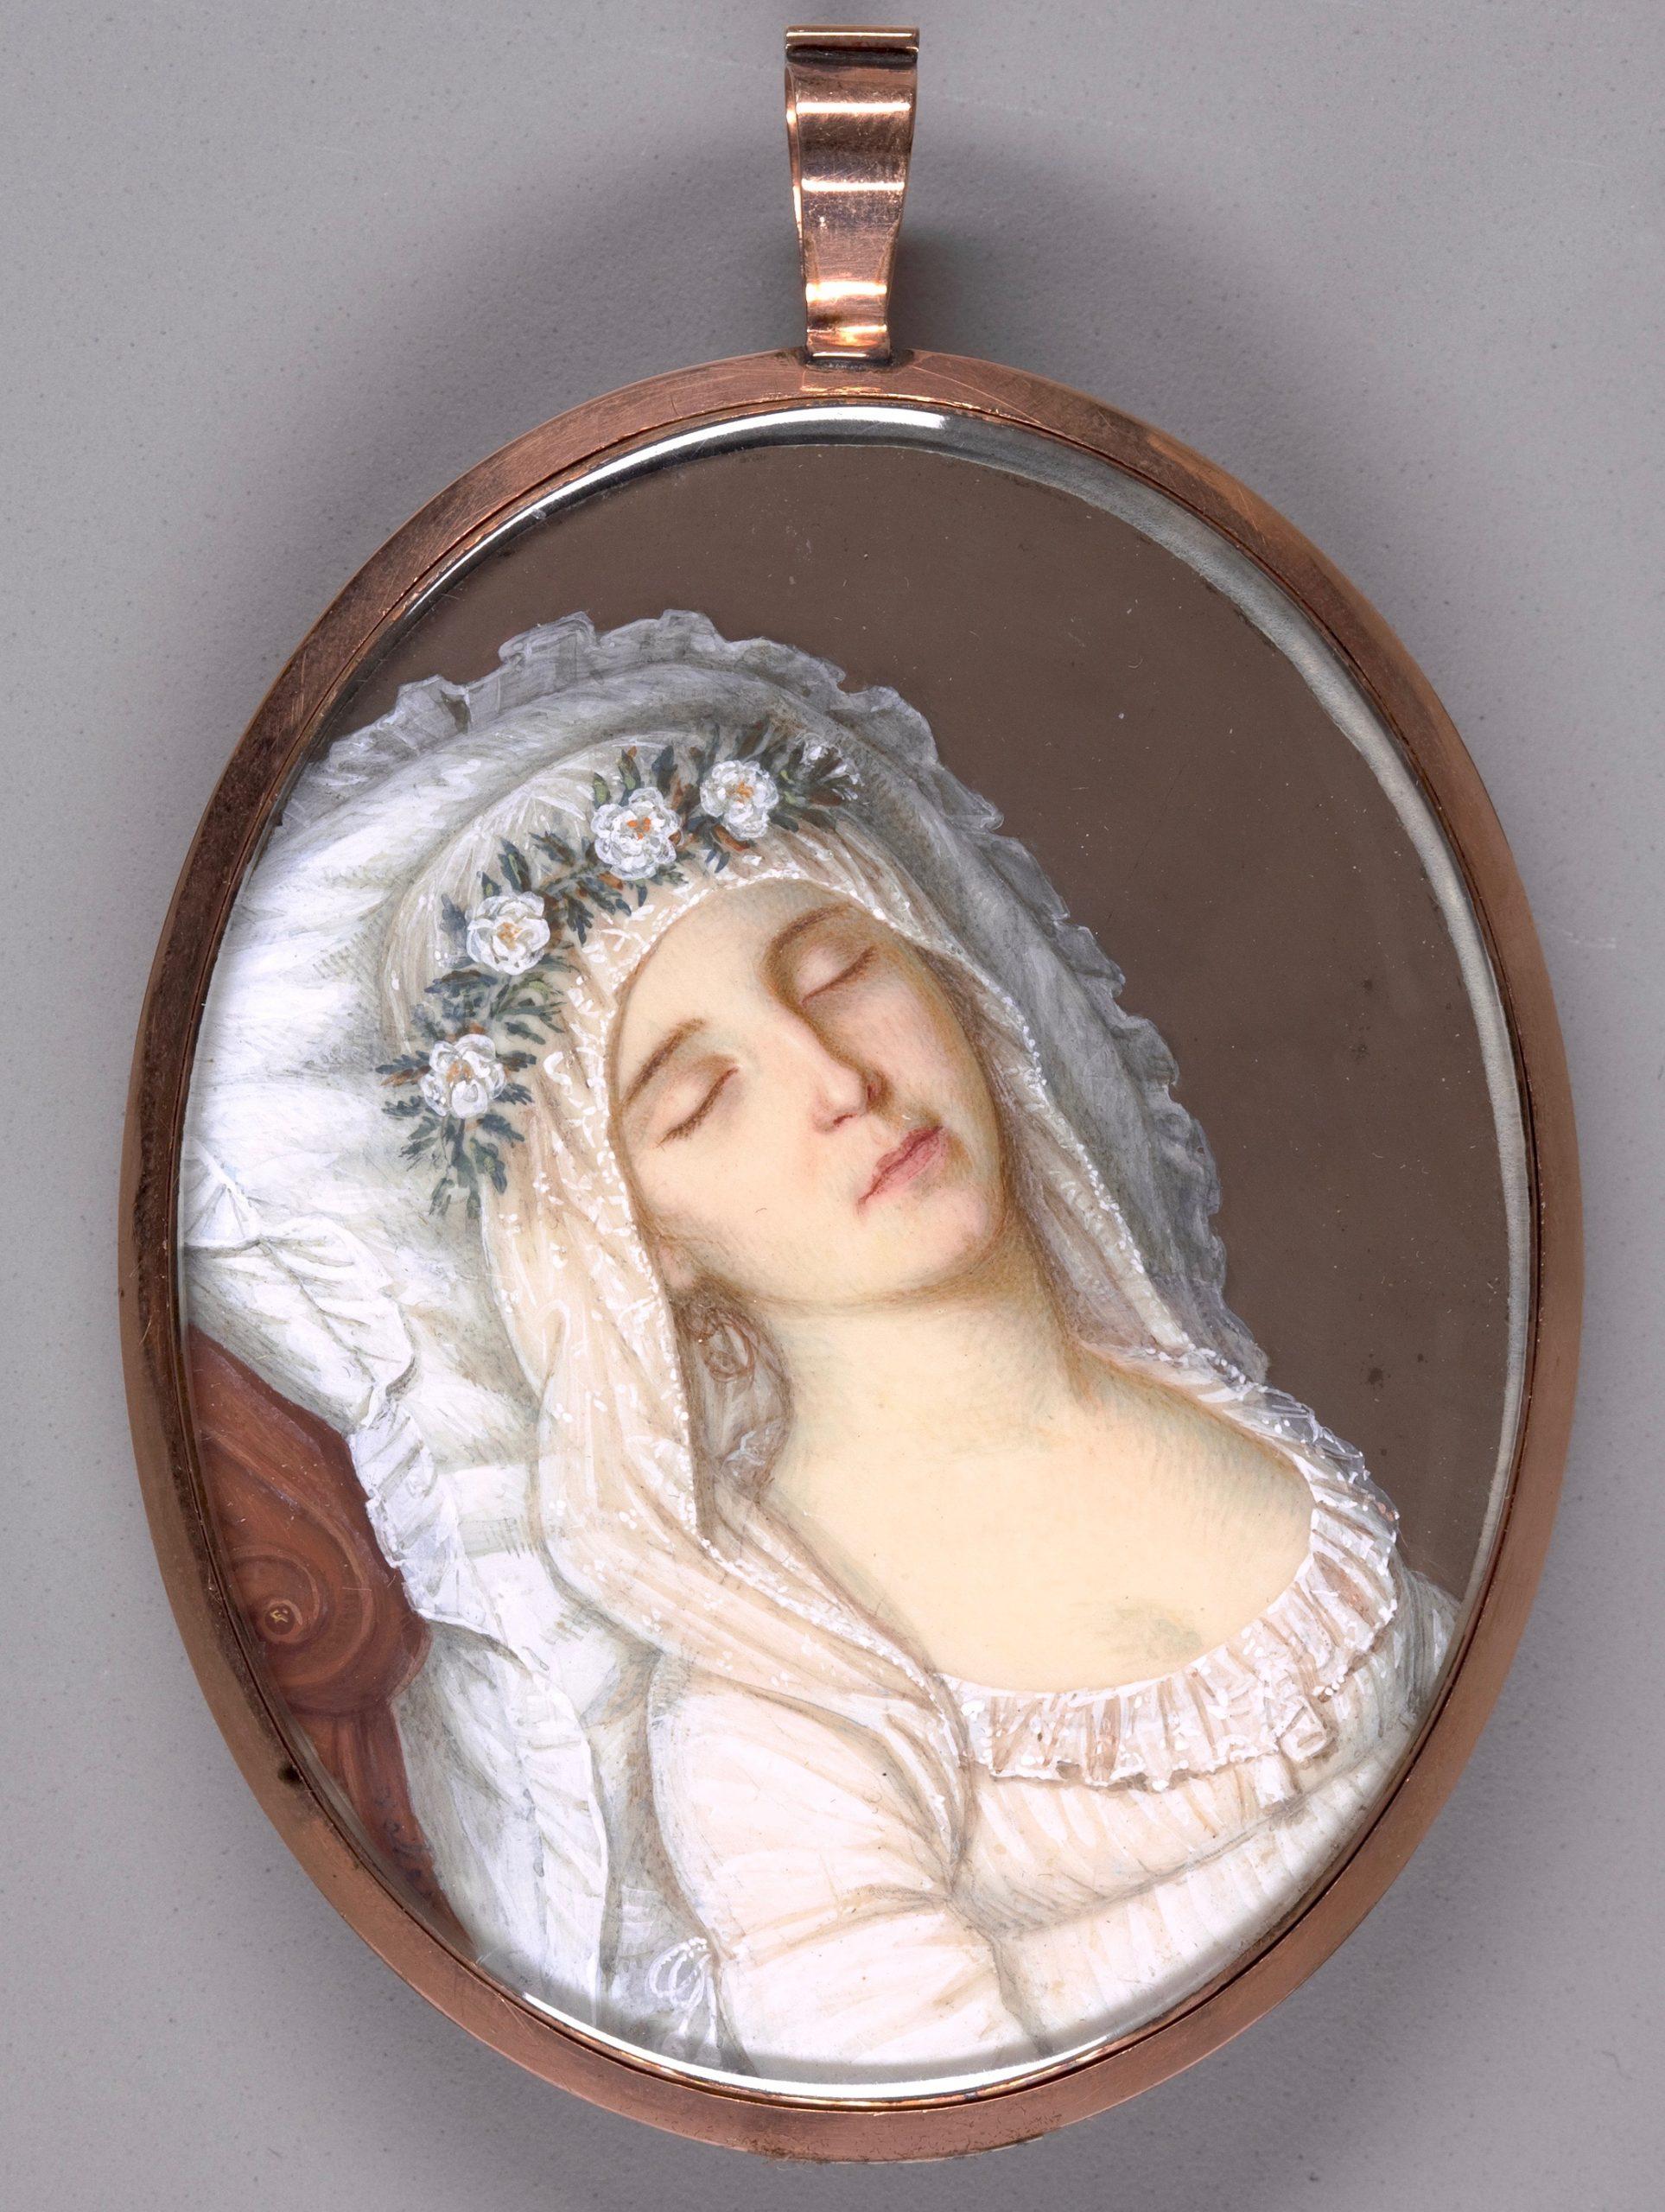 Harriet Mackie (The Dead Bride)